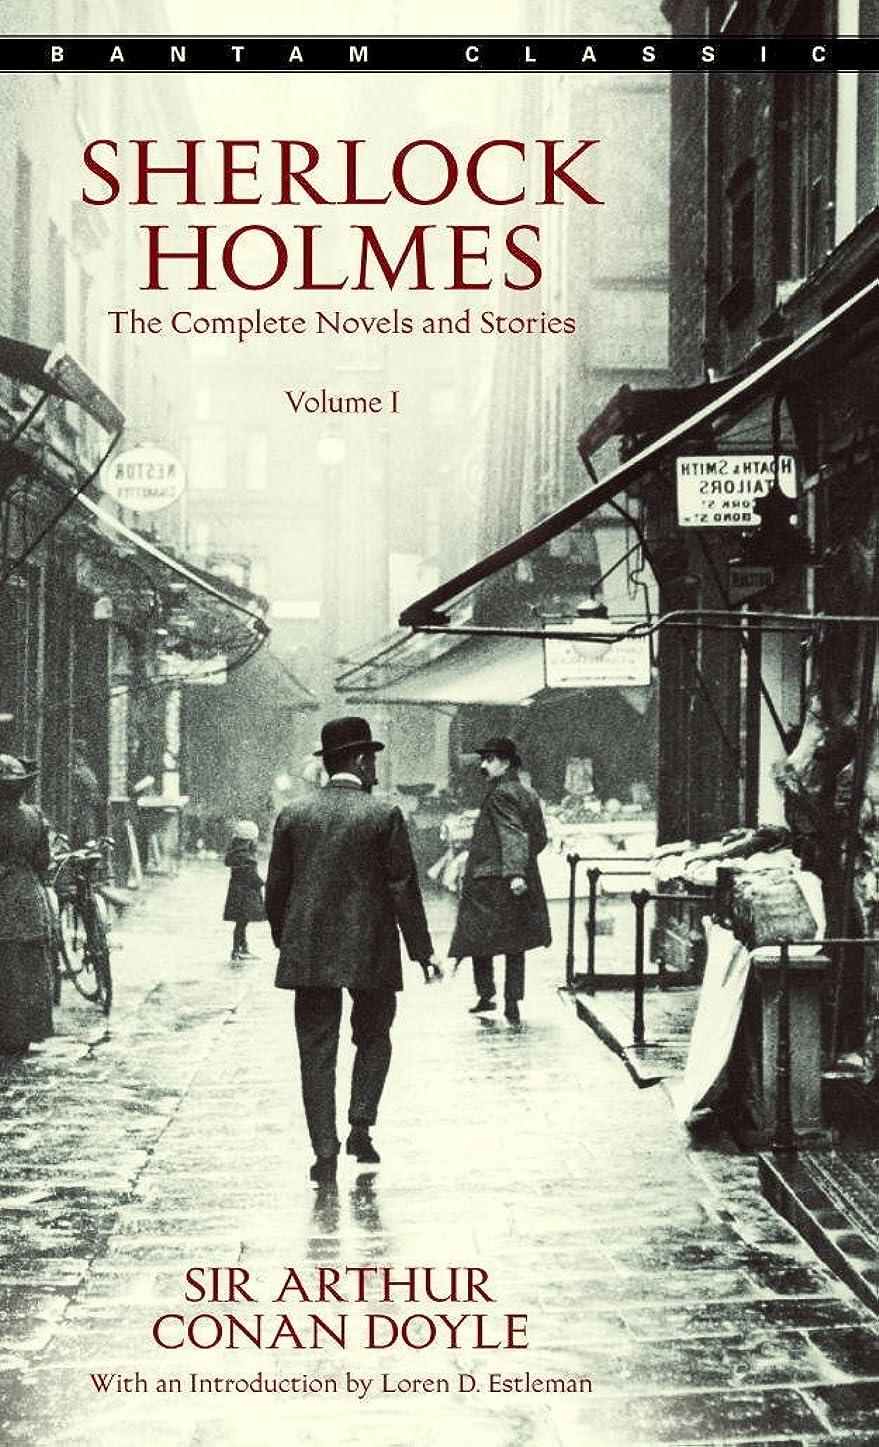 診療所がっかりする近似Sherlock Holmes: The Complete Novels and Stories Volume I (Sherlock Holmes The Complete Novels and Stories Book 1) (English Edition)